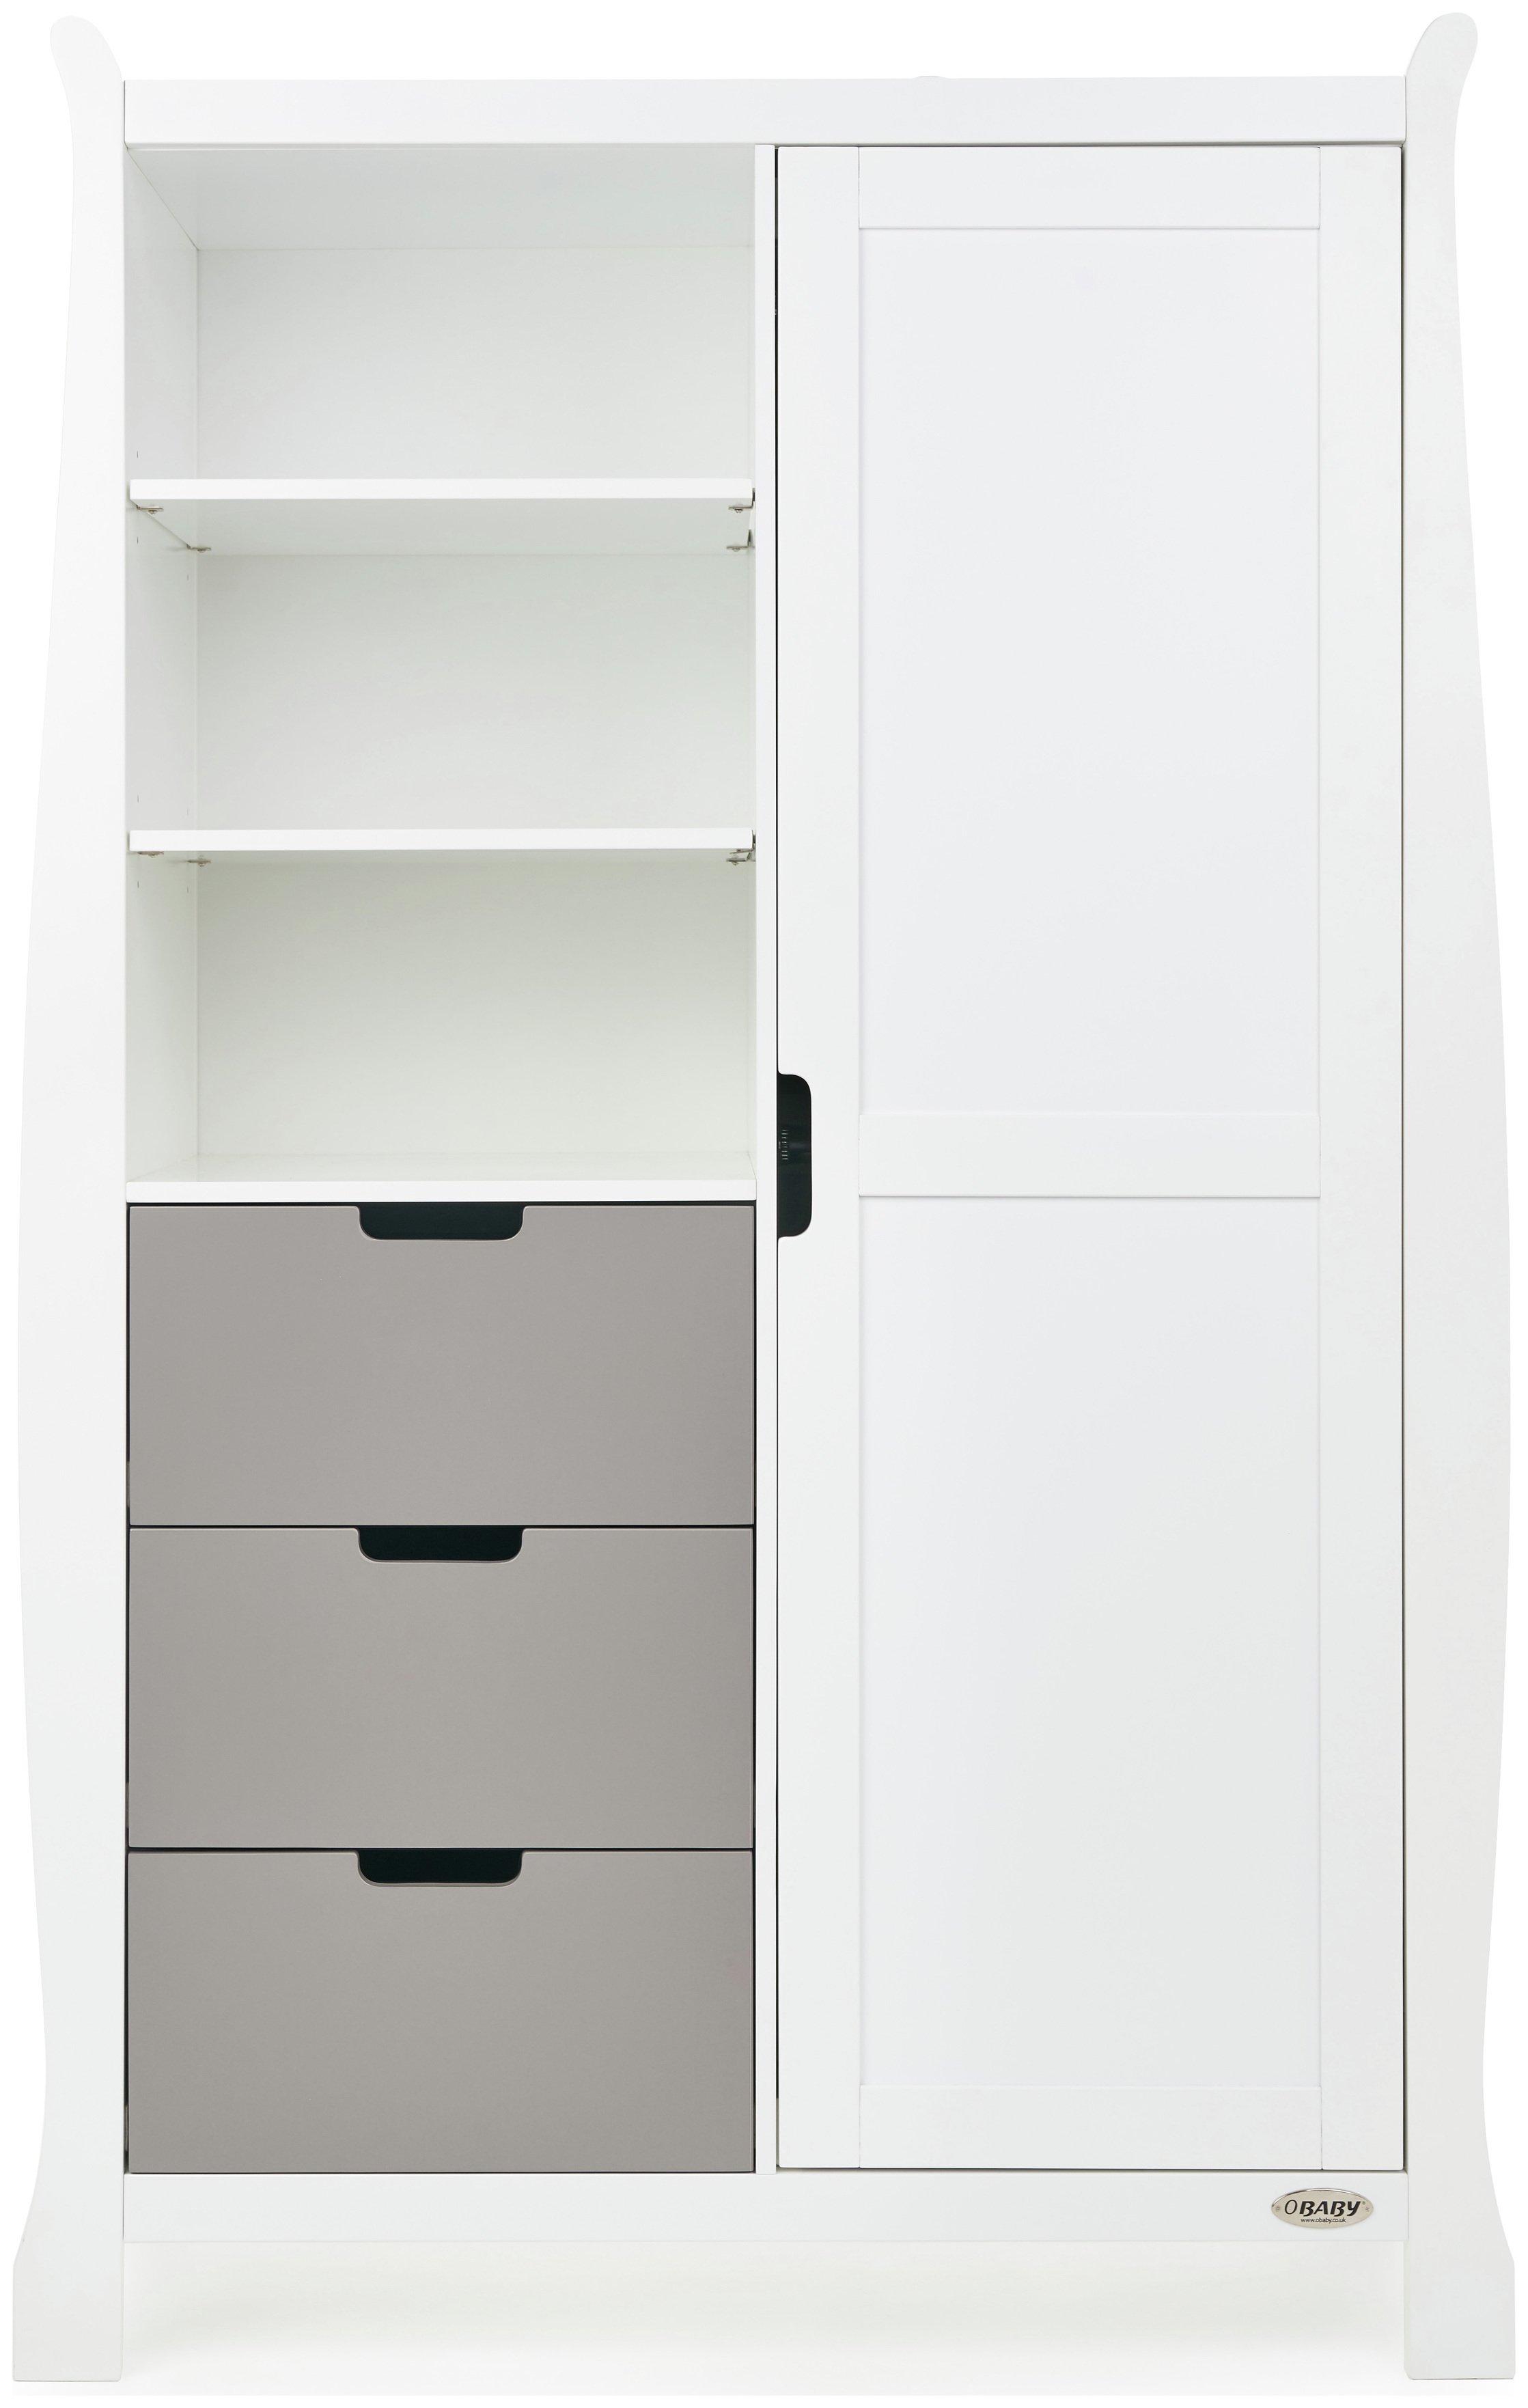 Obaby Stamford Sleigh Double Wardrobe - White & Taupe Grey